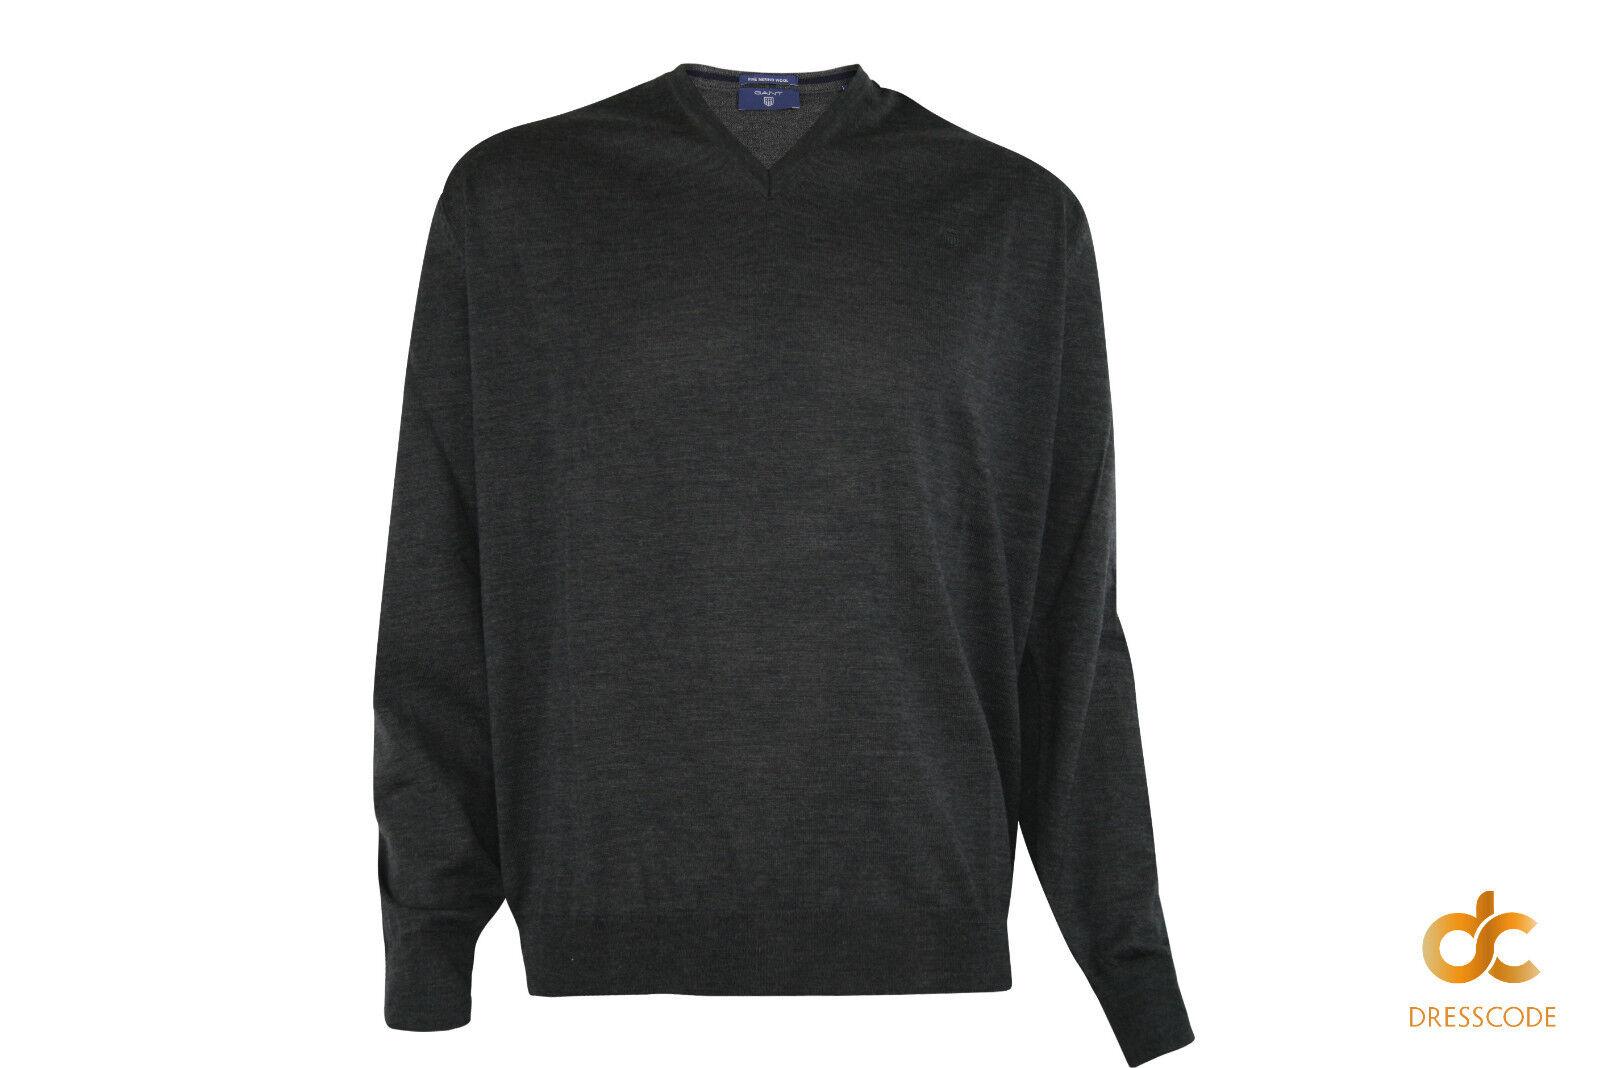 GANT Pullover Merinowolle Herren V-Ausschnitt Grau Melange 2XL 4XL Übergroßen